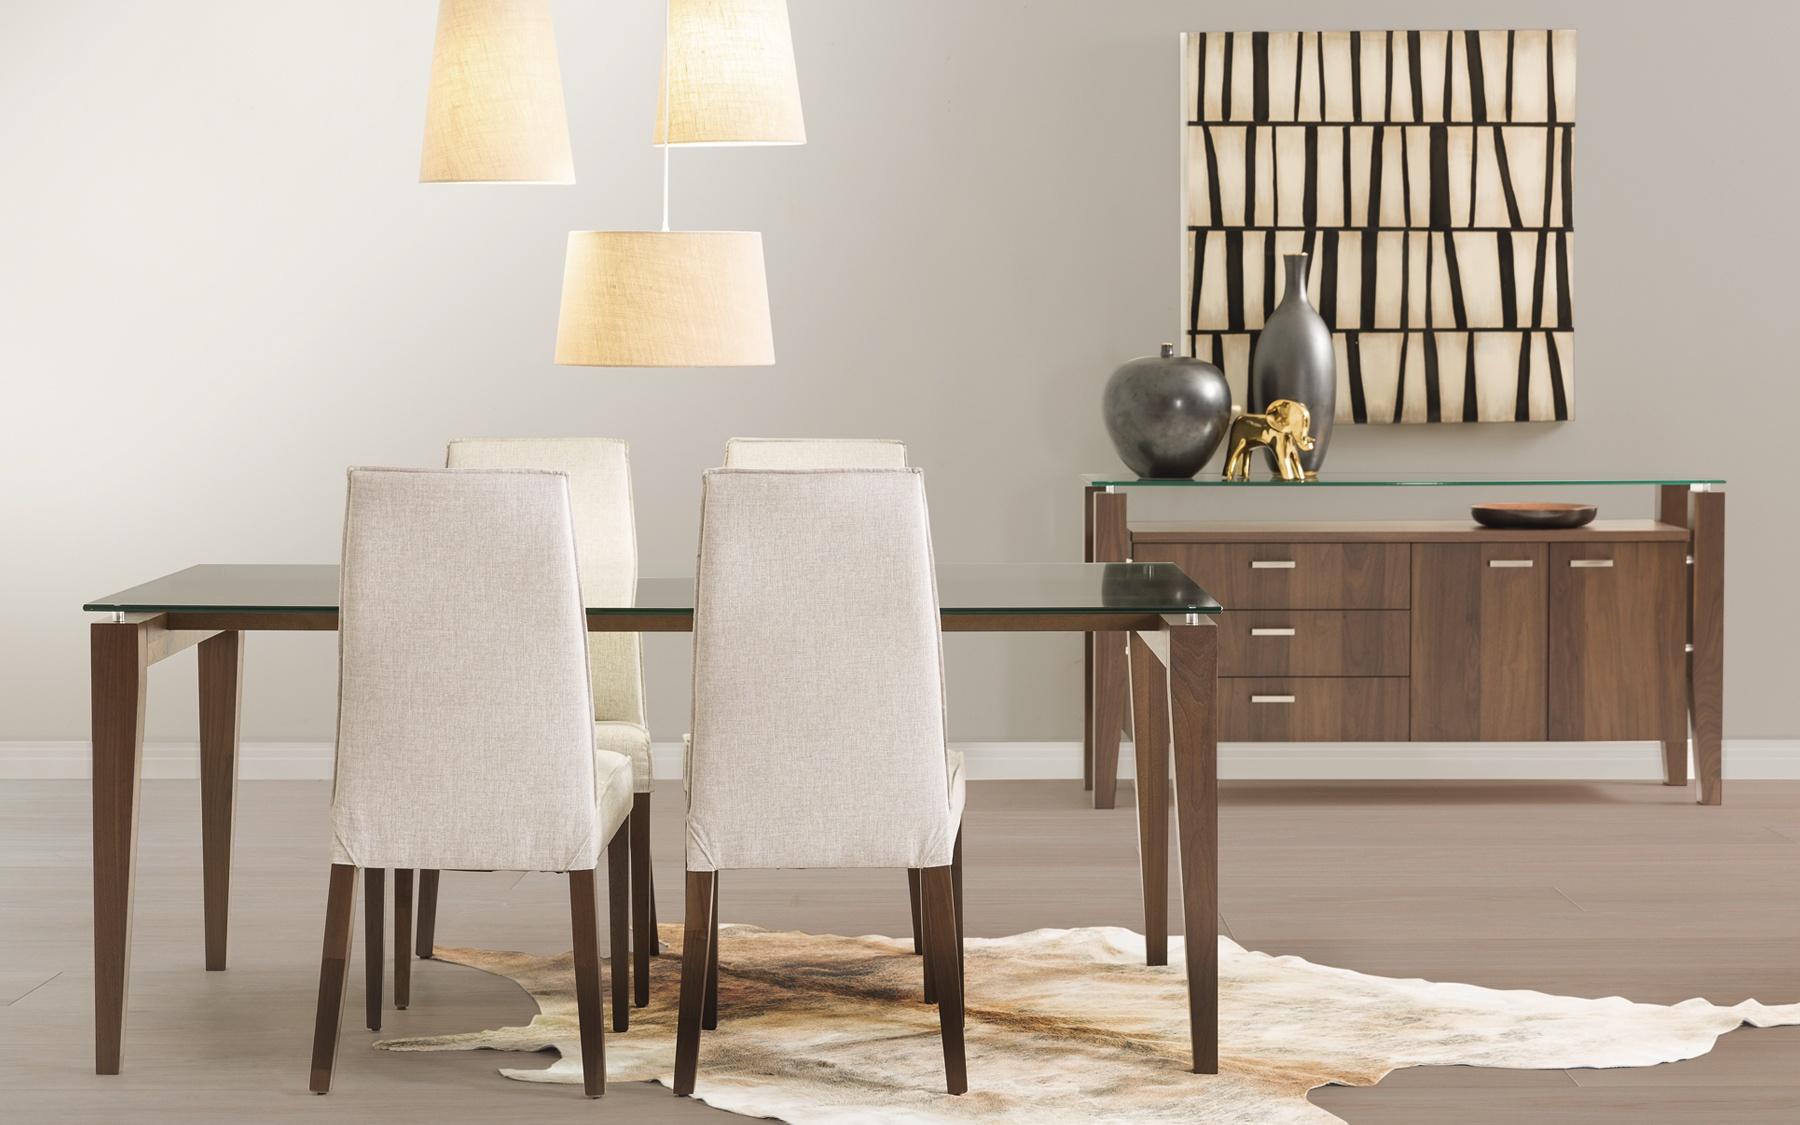 Table 72x42 cl555 tables salles manger la galerie for La galerie du meuble contemporain